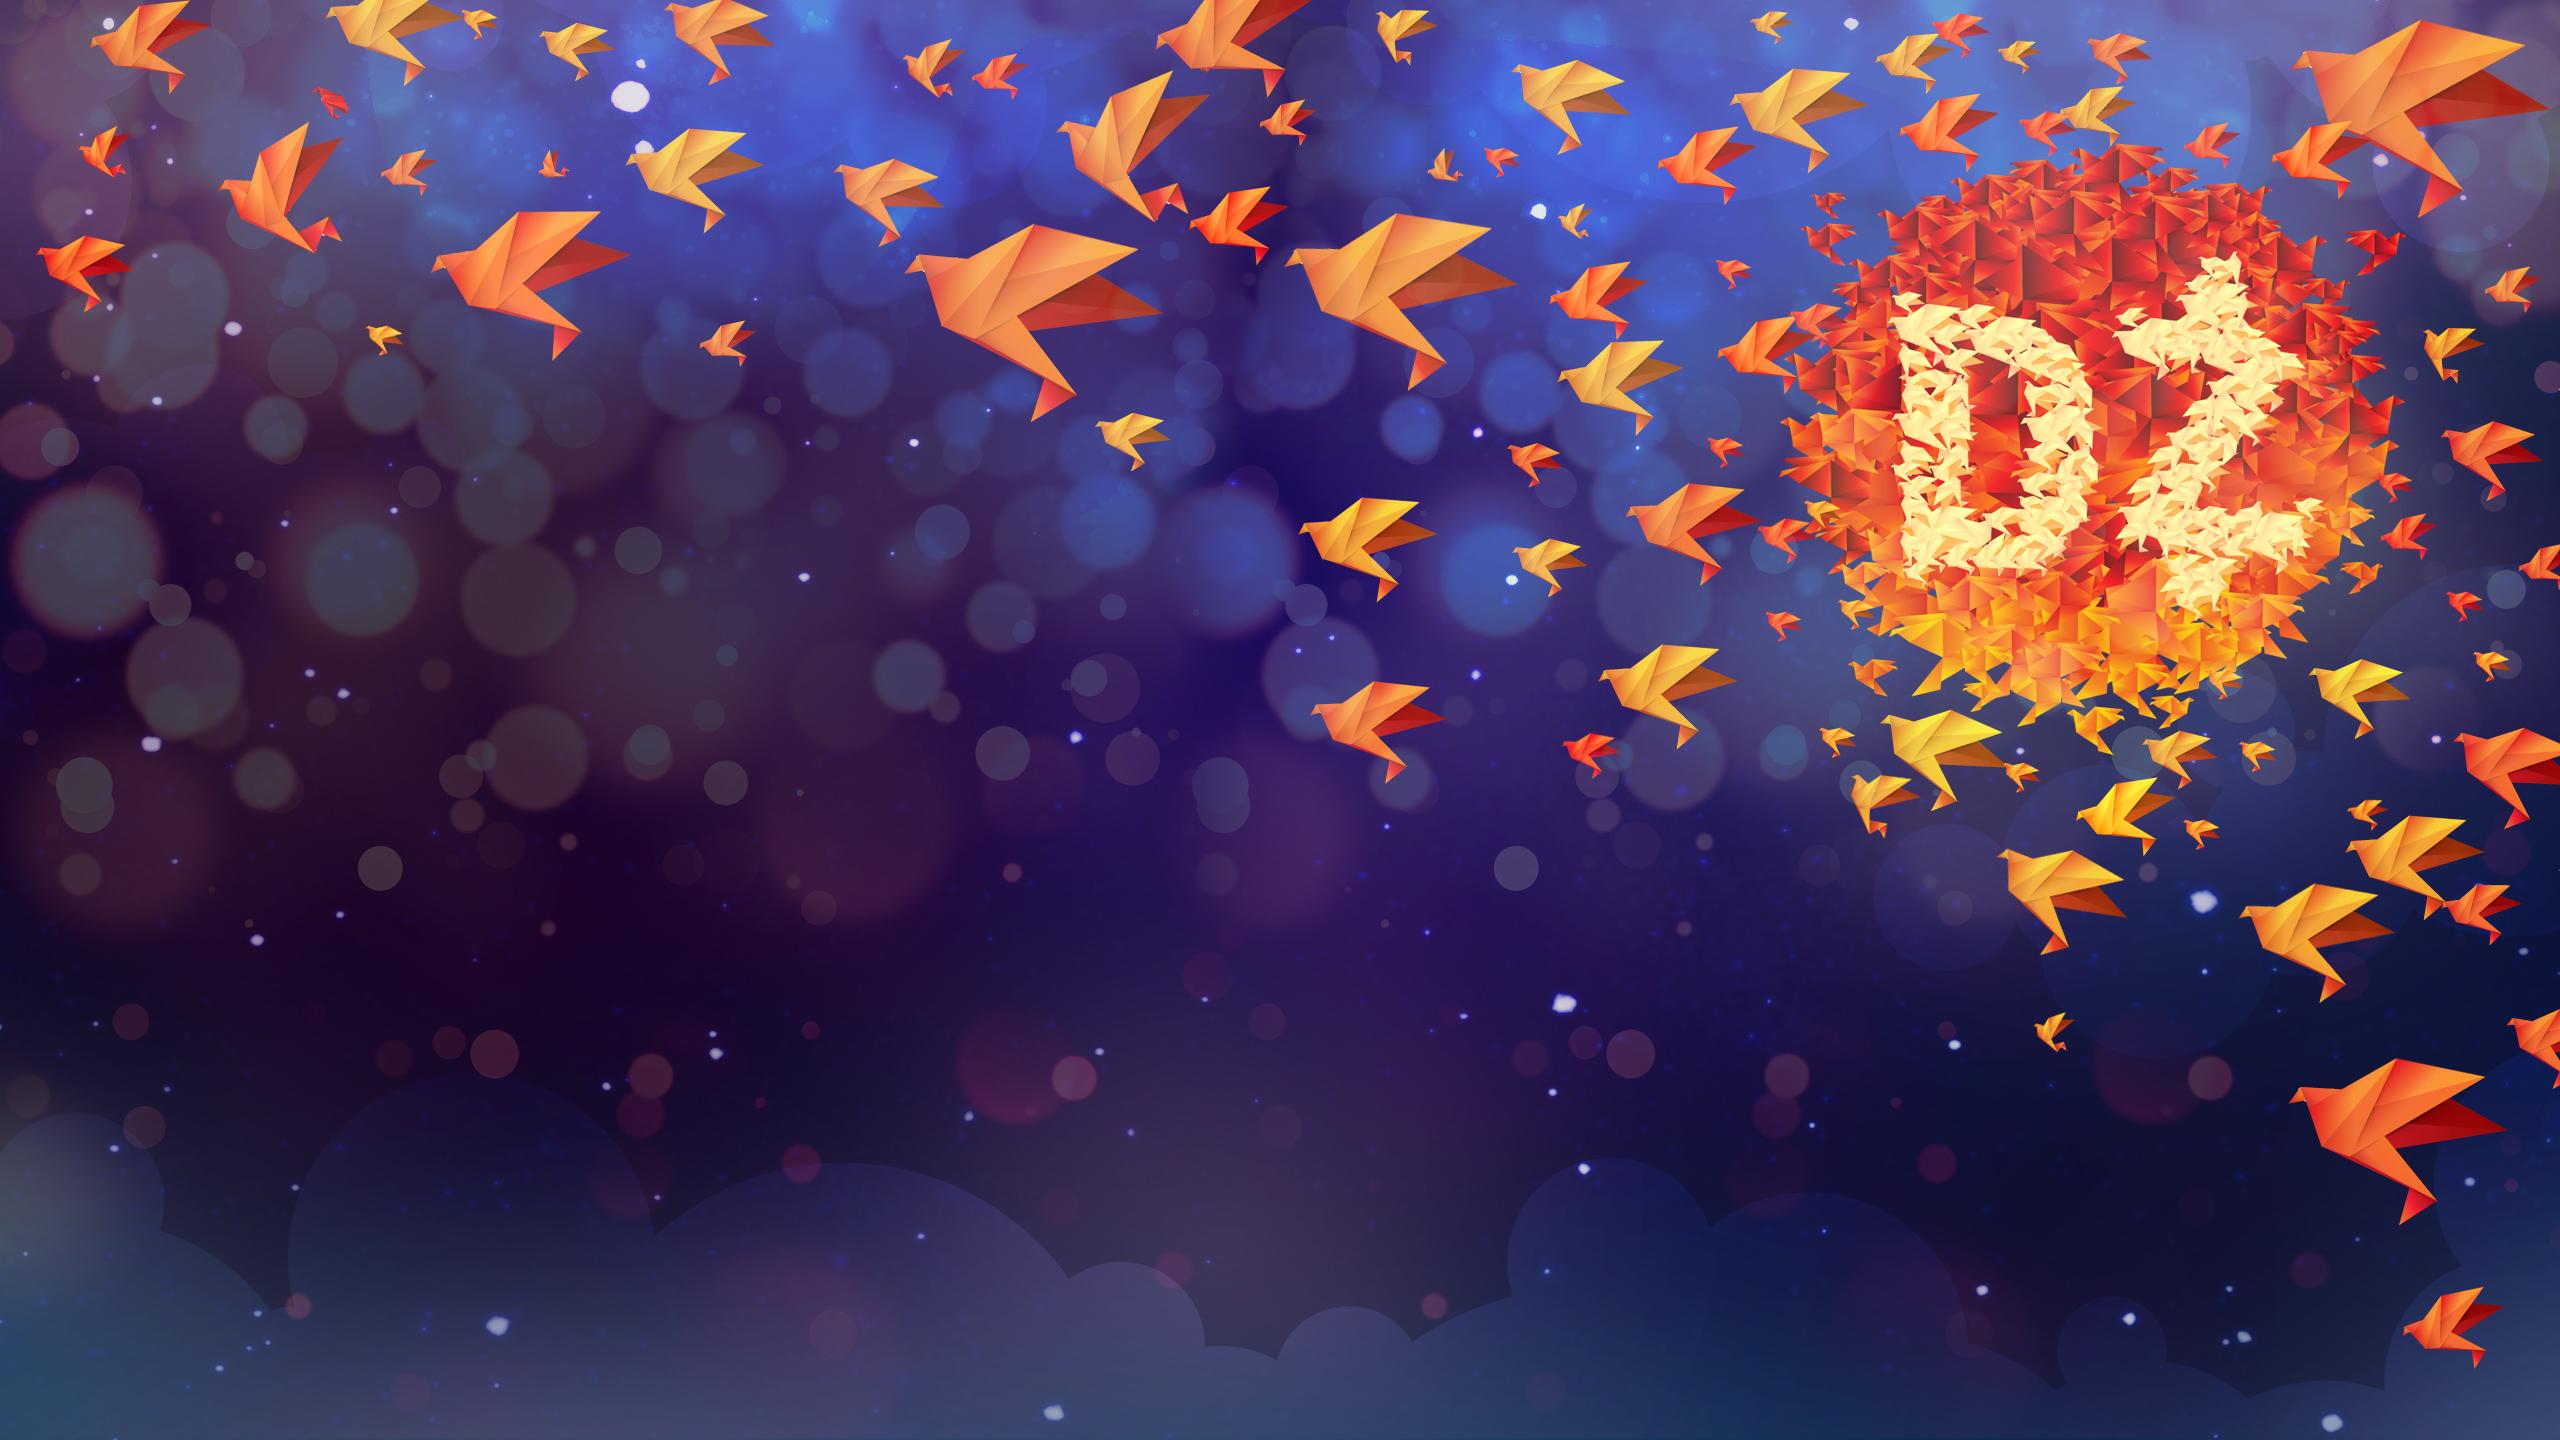 Оригами иллюстрация обои скачать